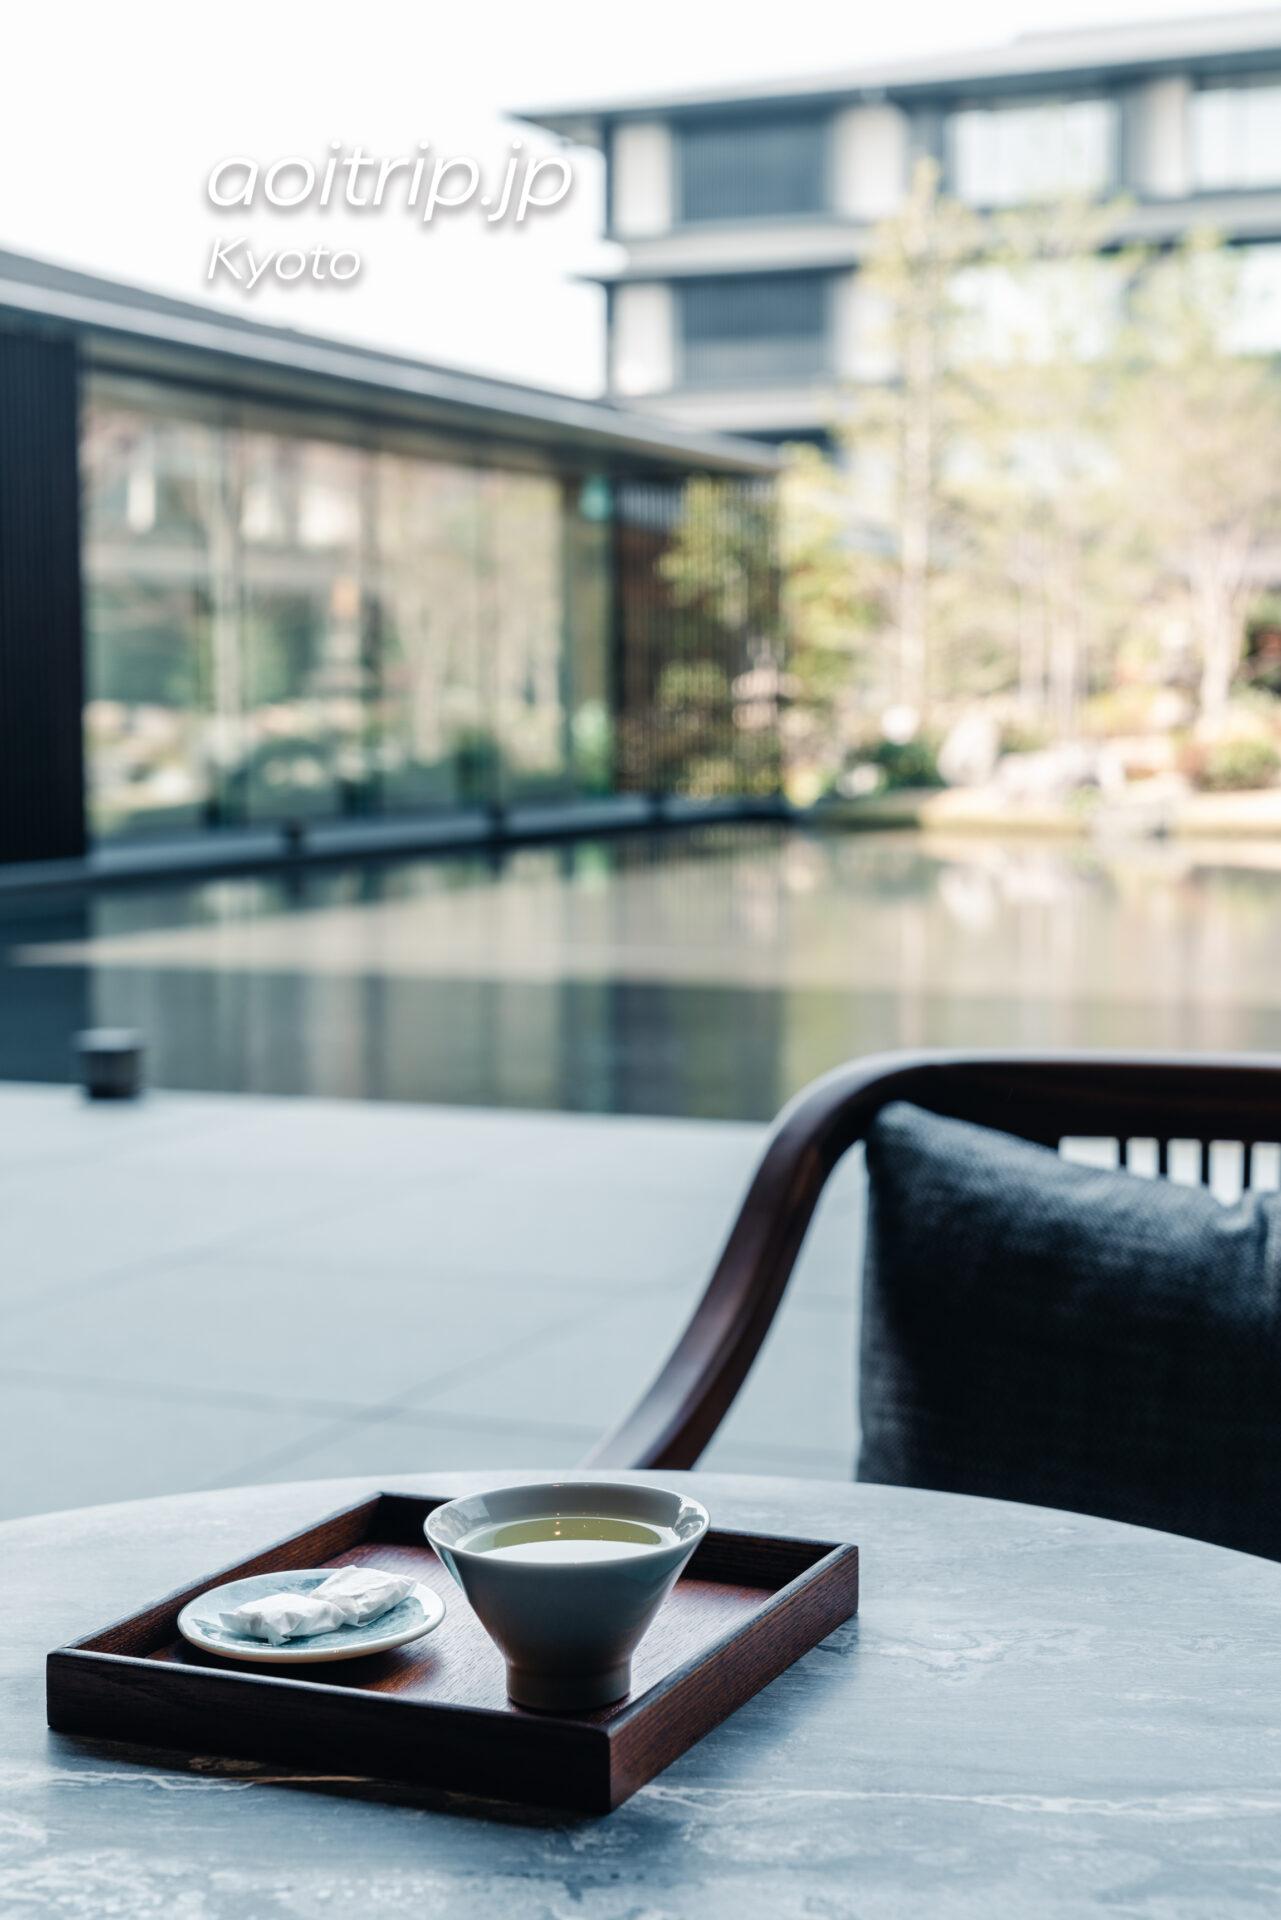 ホテル ザ ミツイ キョウトのウェルカムドリンクのお茶